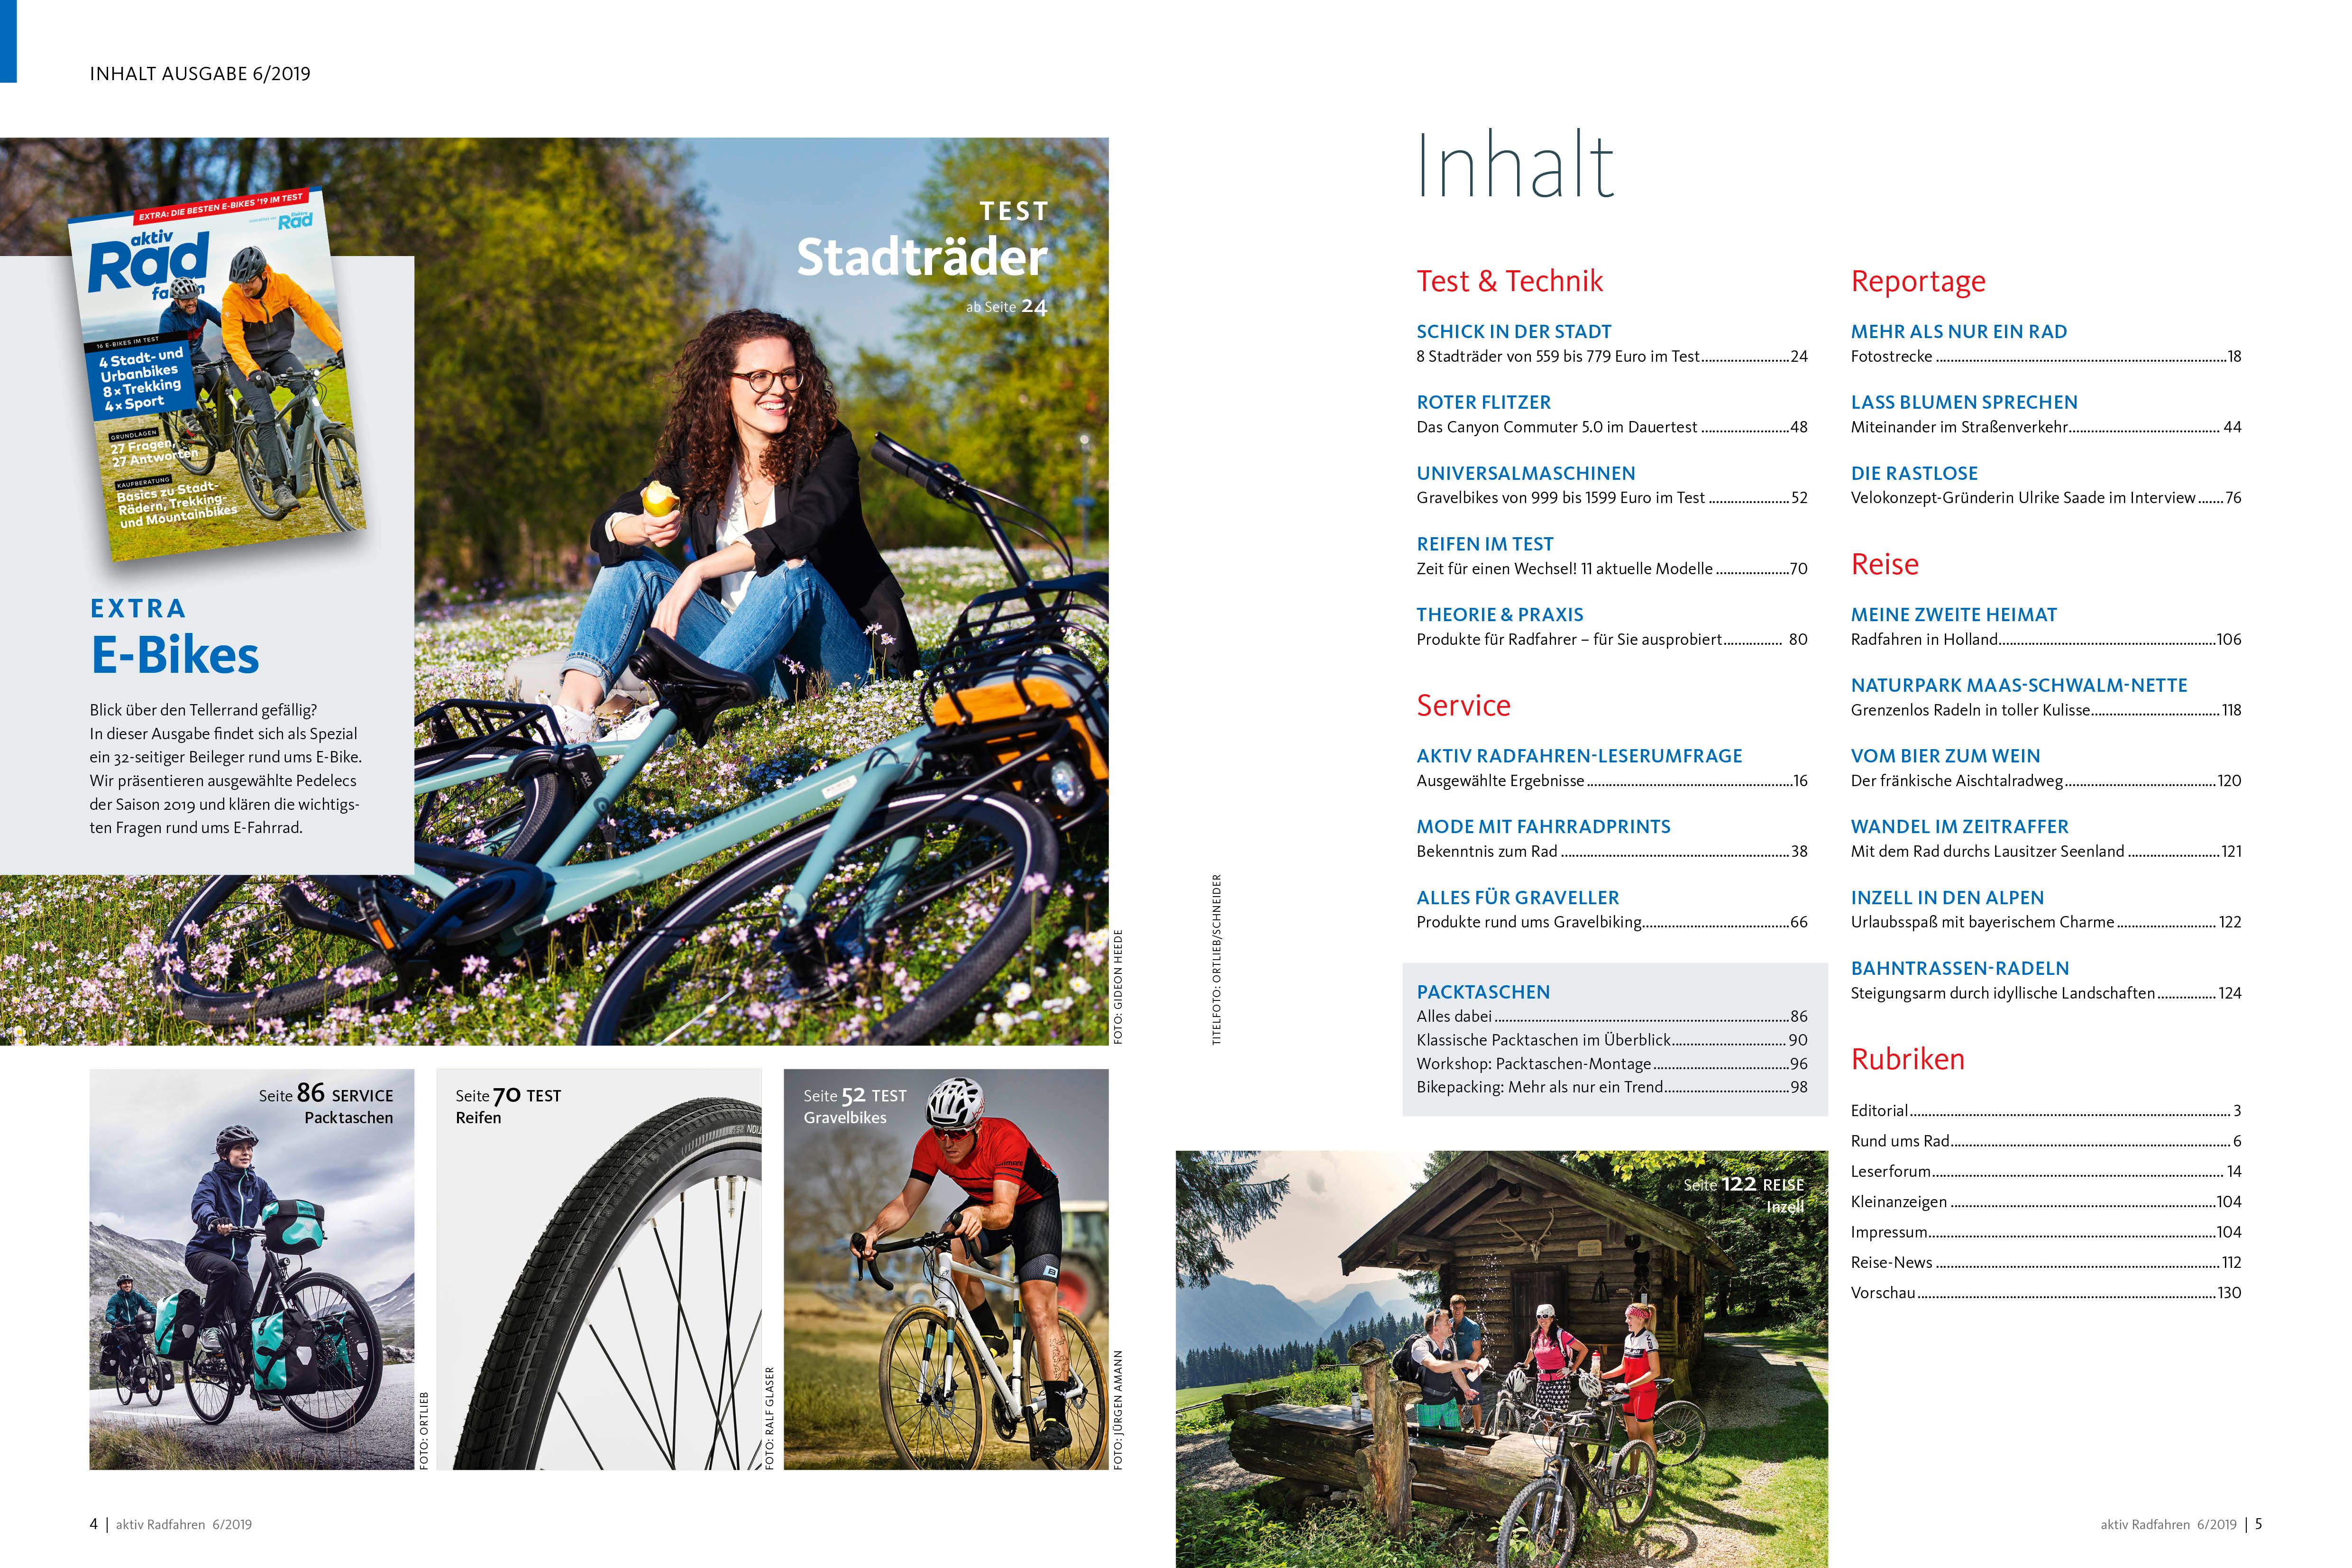 Die Inhalte der aktiv Radfahren 6/2019 im Überblick.